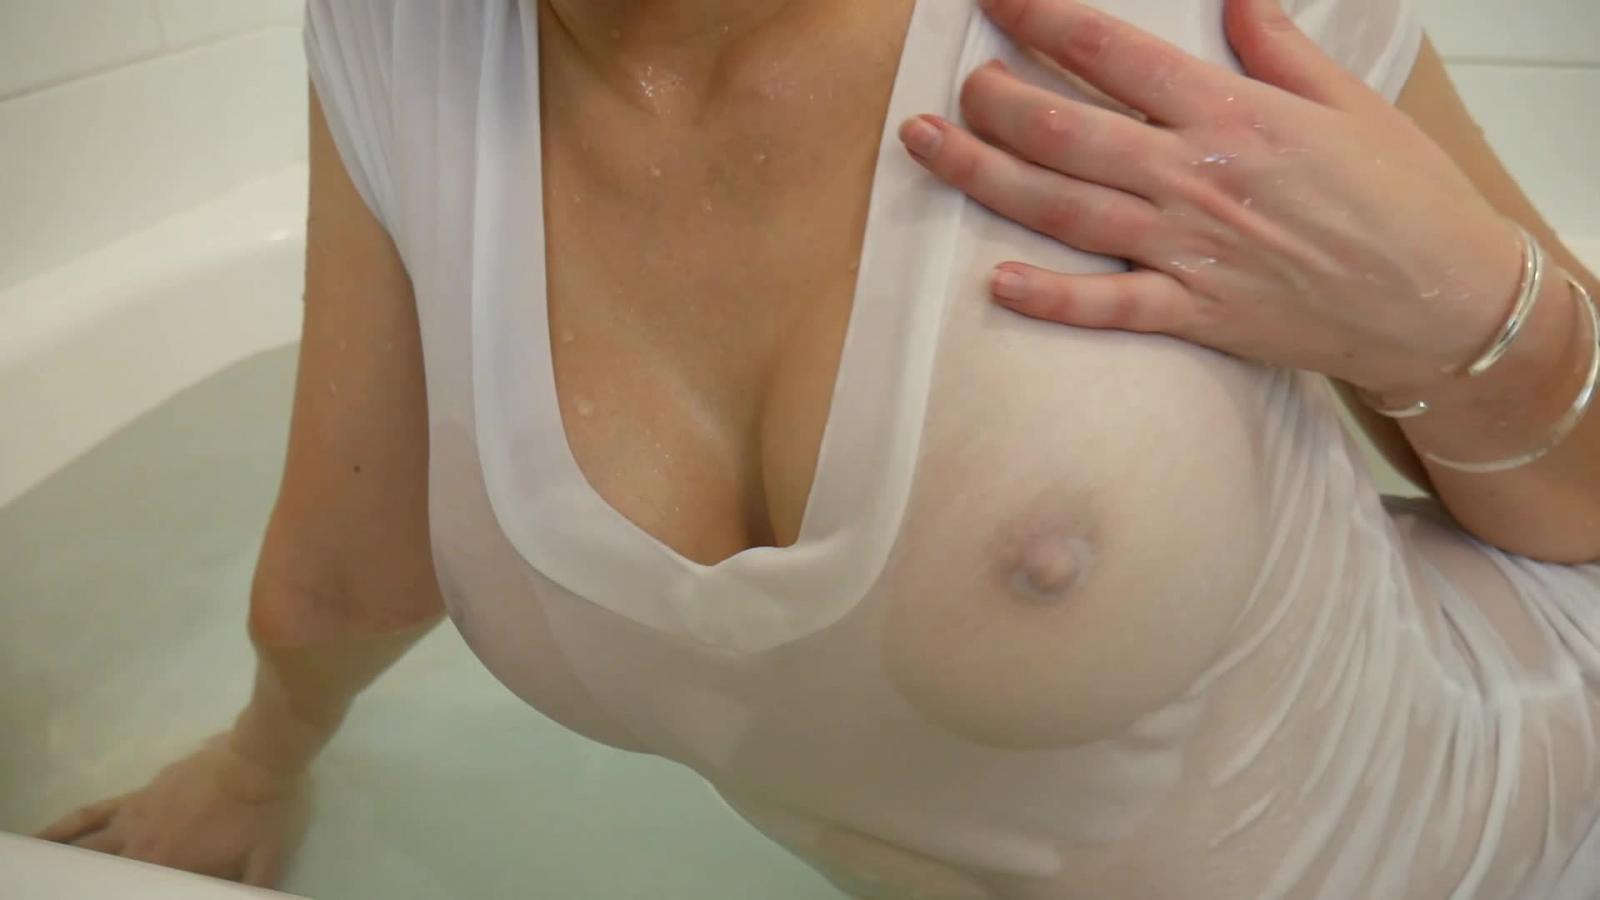 Порно видео женщина одевает лифчик на голую грудь, фото галереи анального секса с пожилыми